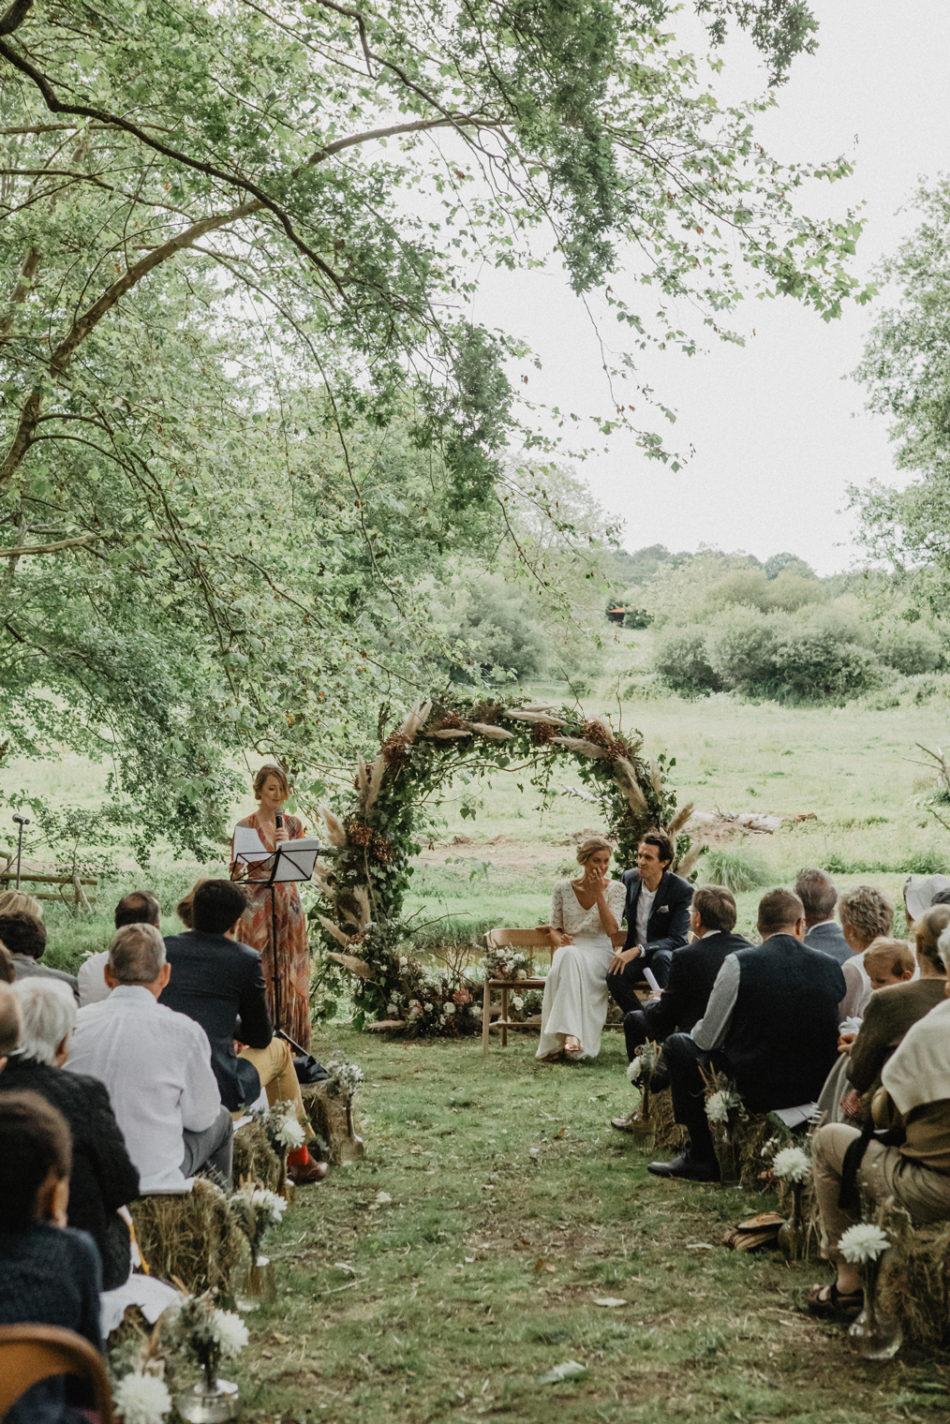 arche de ceremonie pampa et fleurs sechees